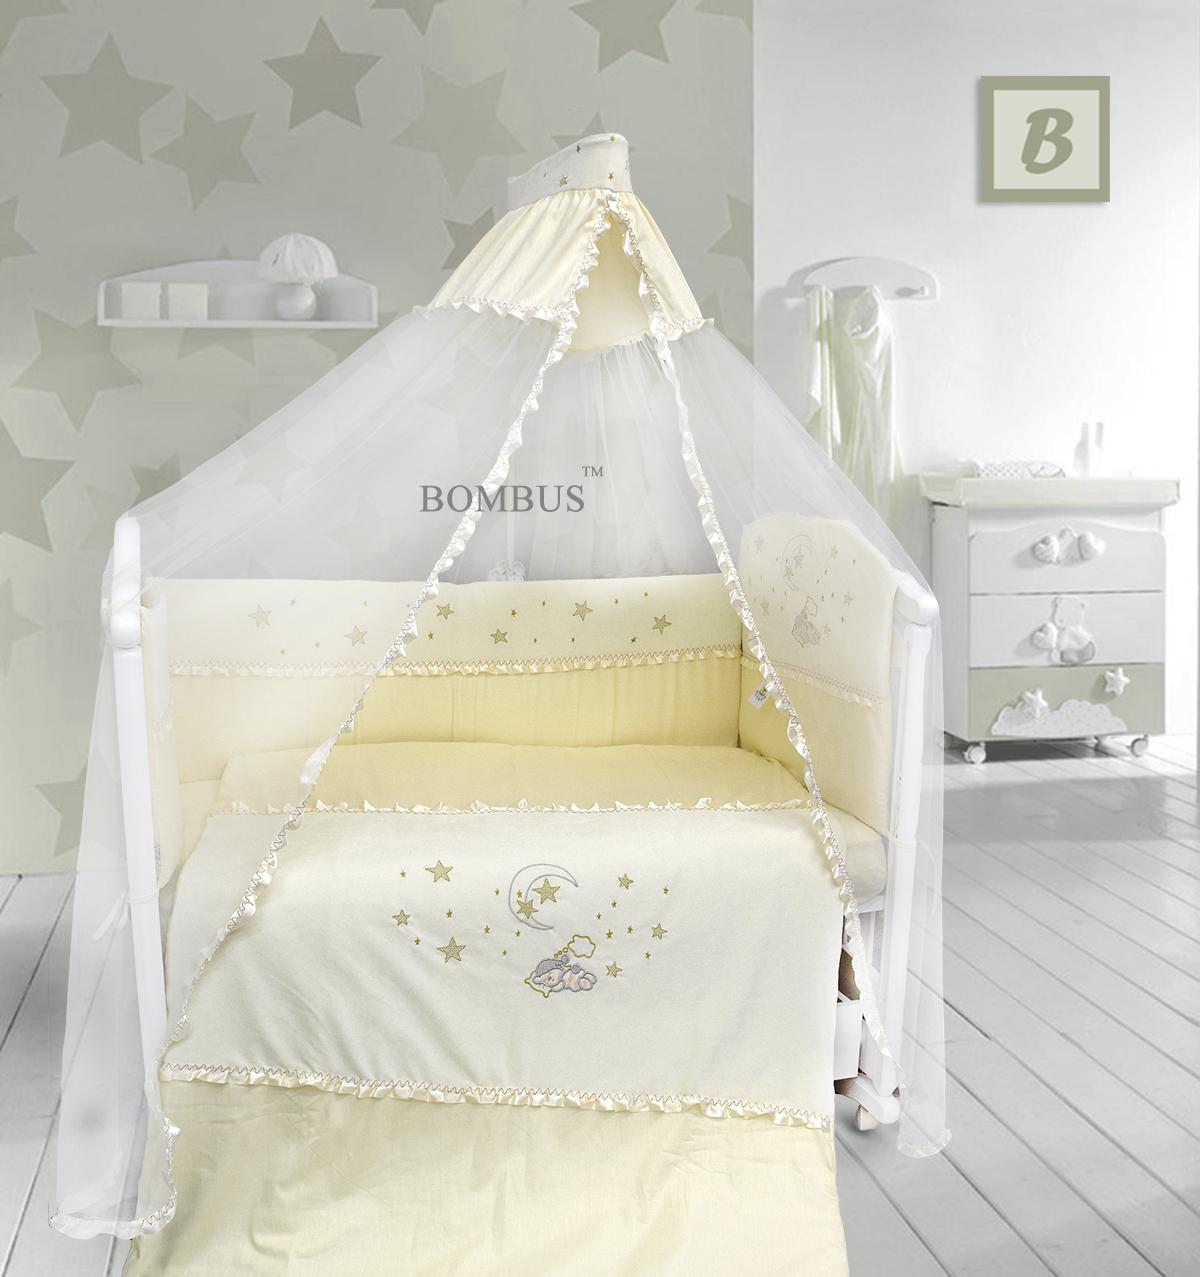 Комплект в кроватку - Малышок, 7 предметовДетское постельное белье<br>Комплект в кроватку - Малышок, 7 предметов<br>